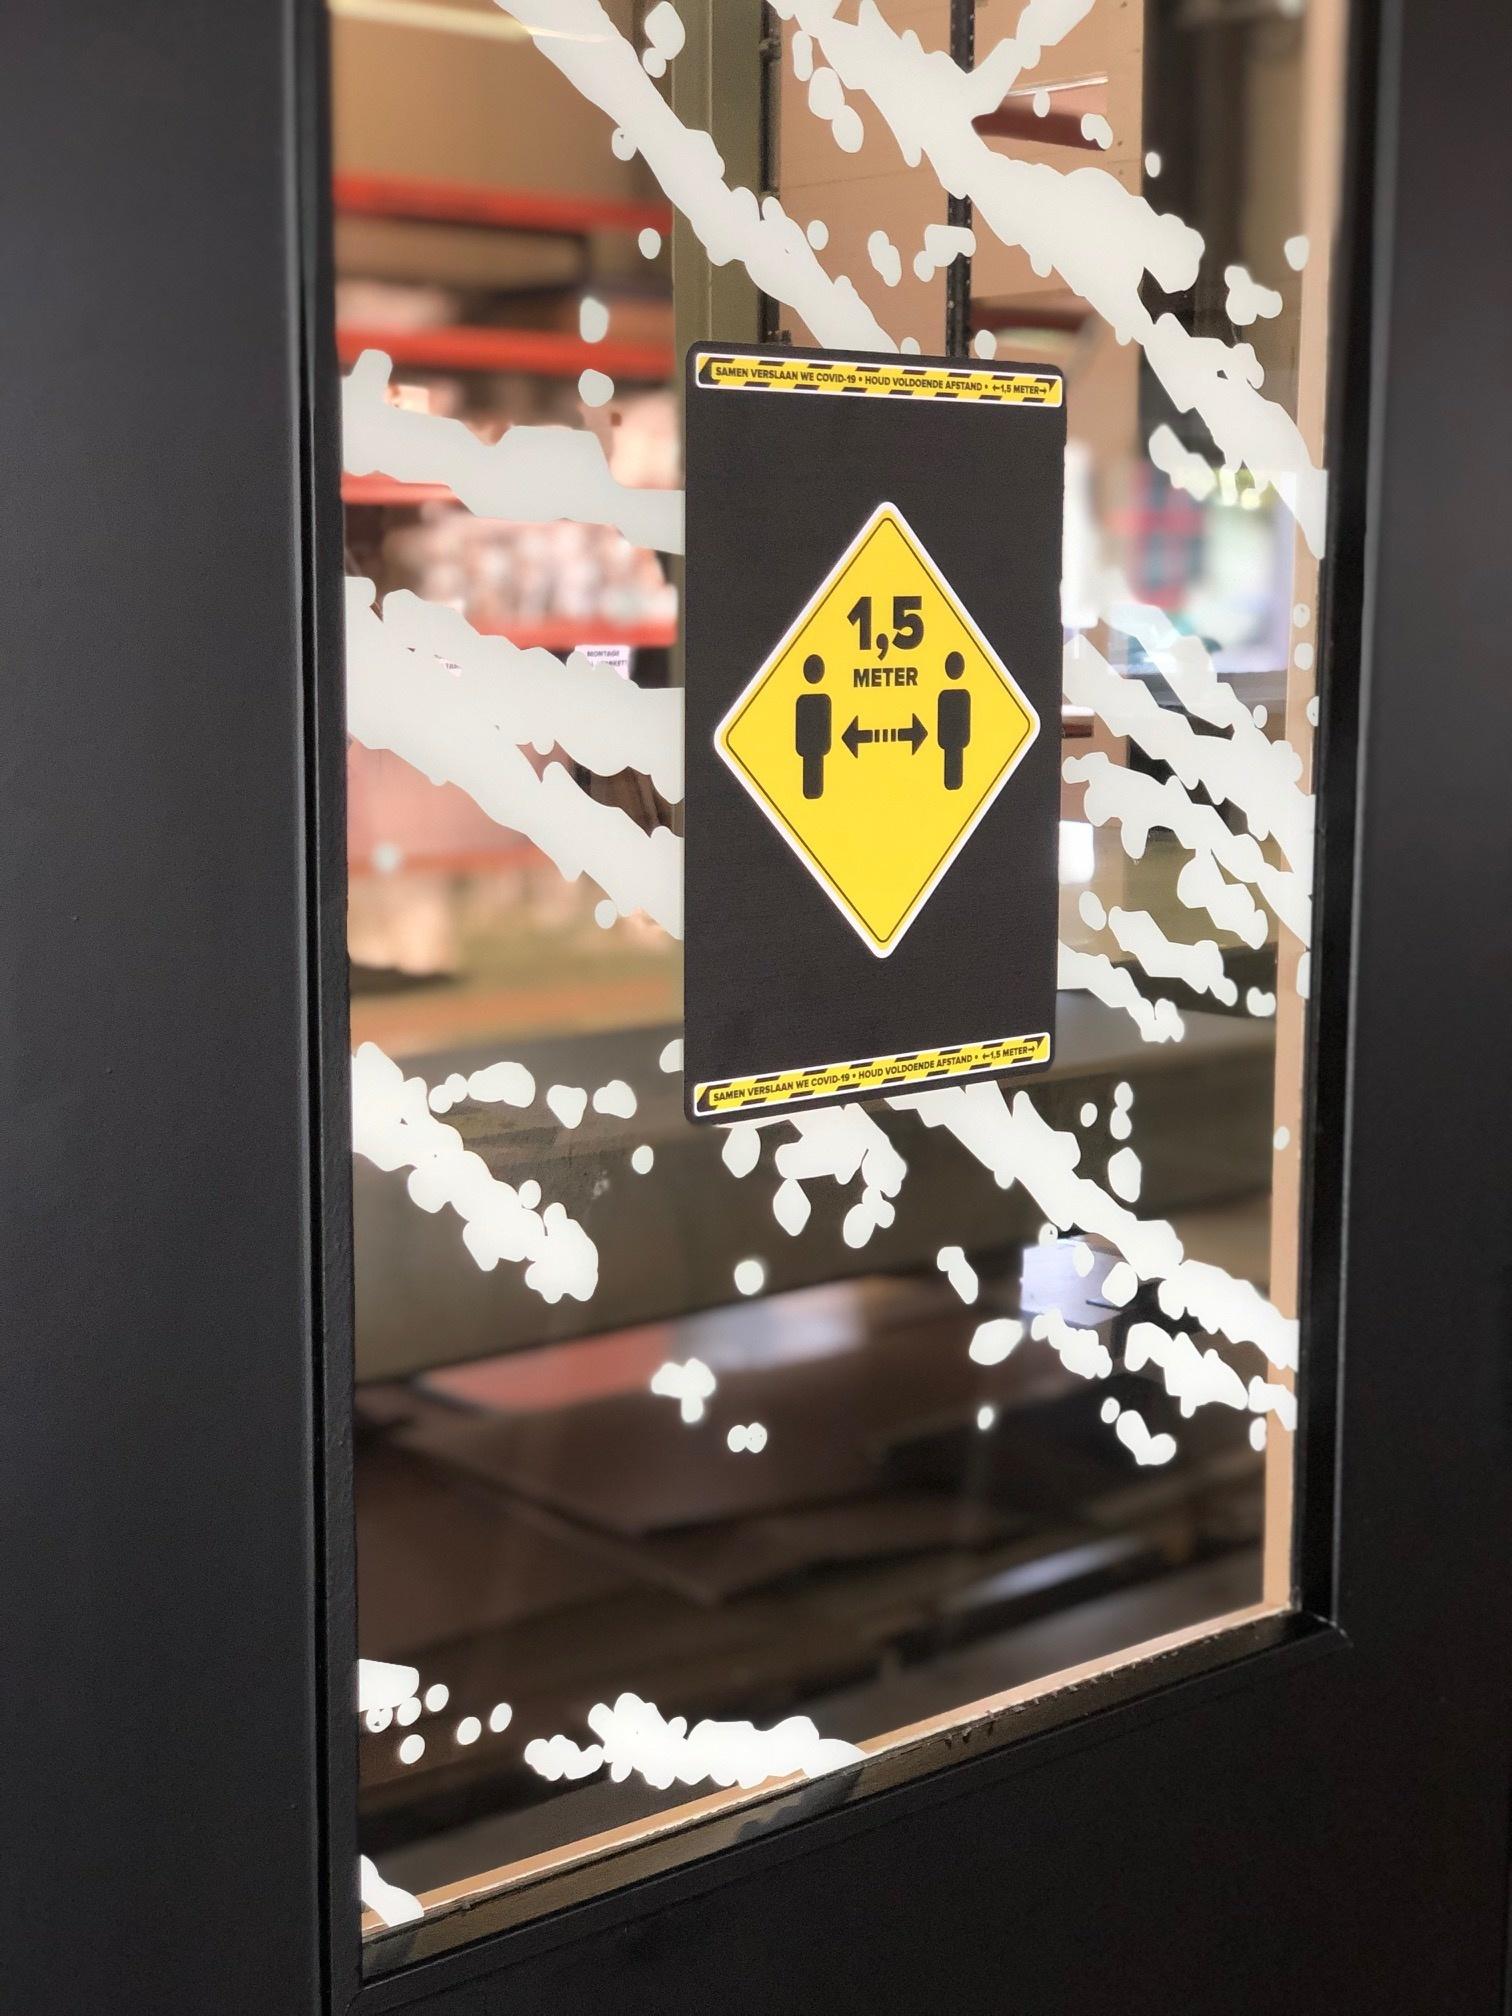 Pegatinas de advertencia: mantener alejado